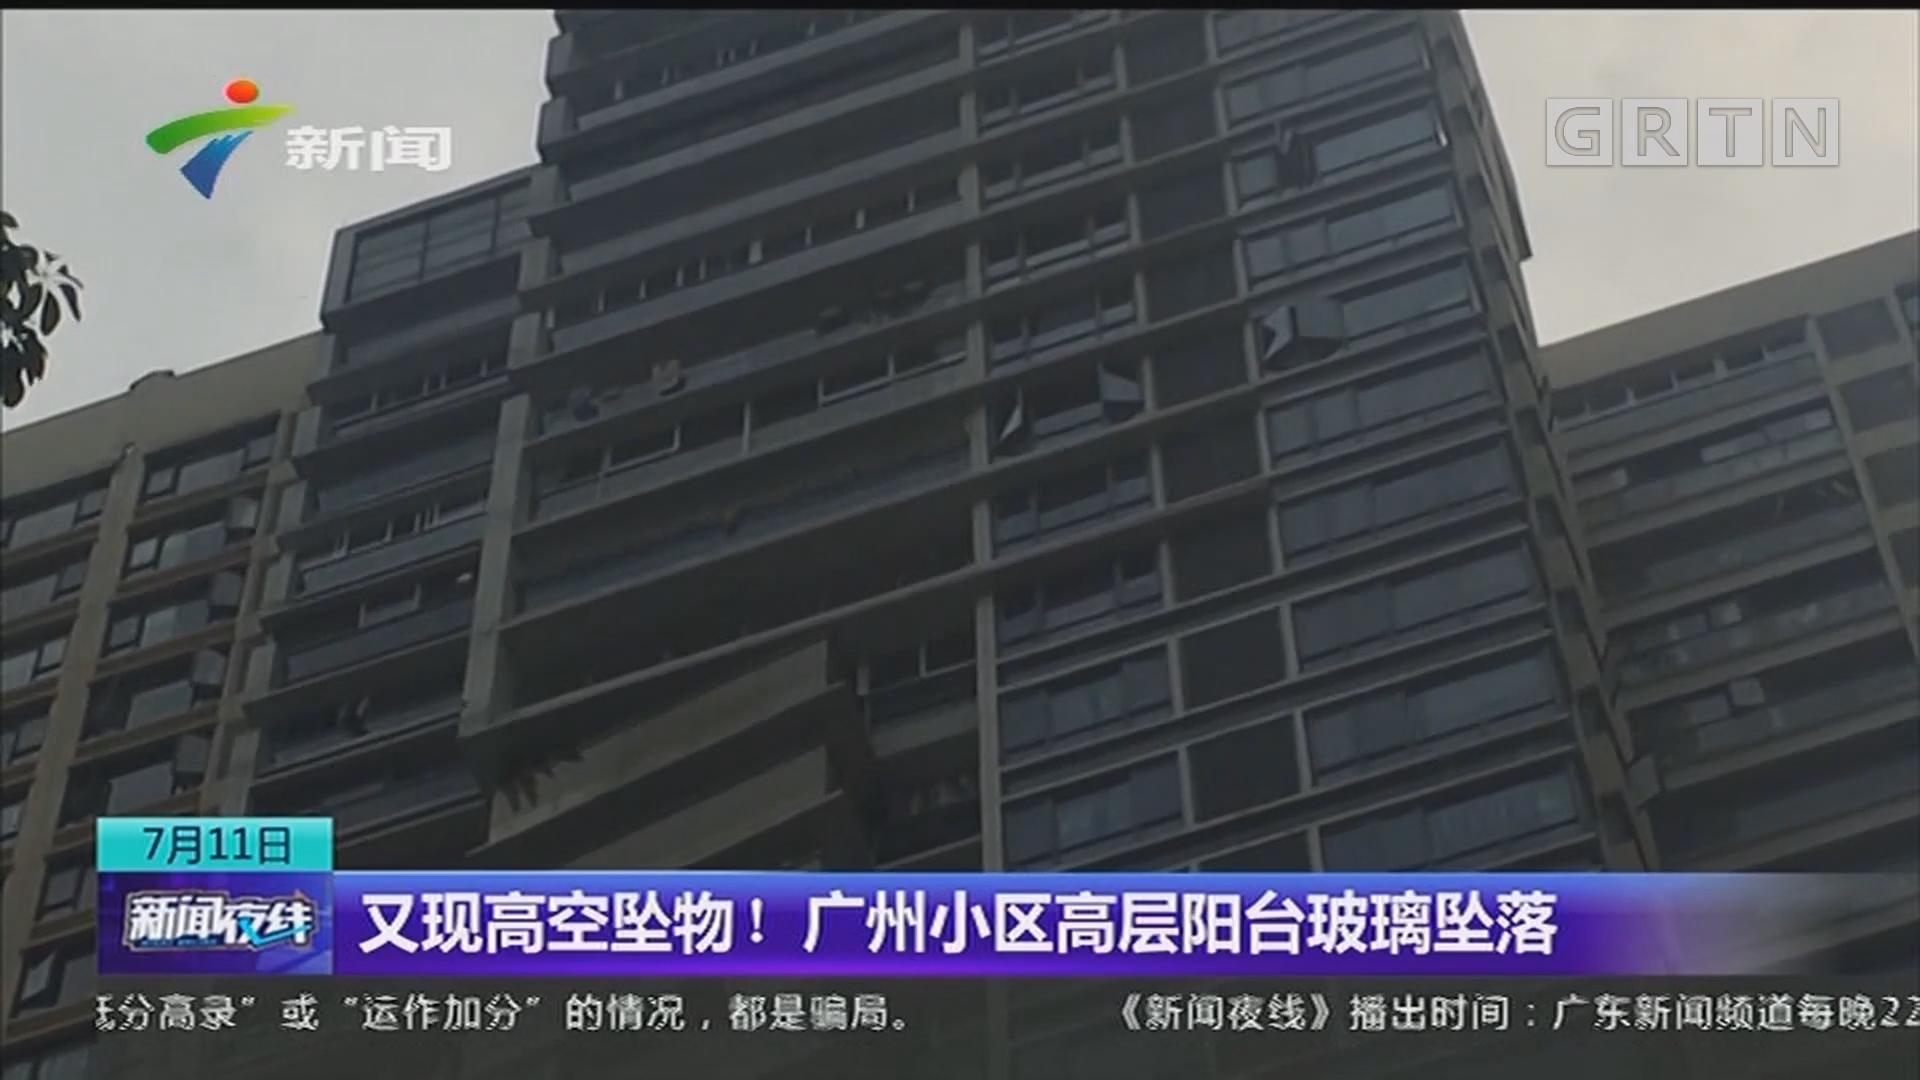 又现高空坠物!广州小区高层阳台玻璃坠落